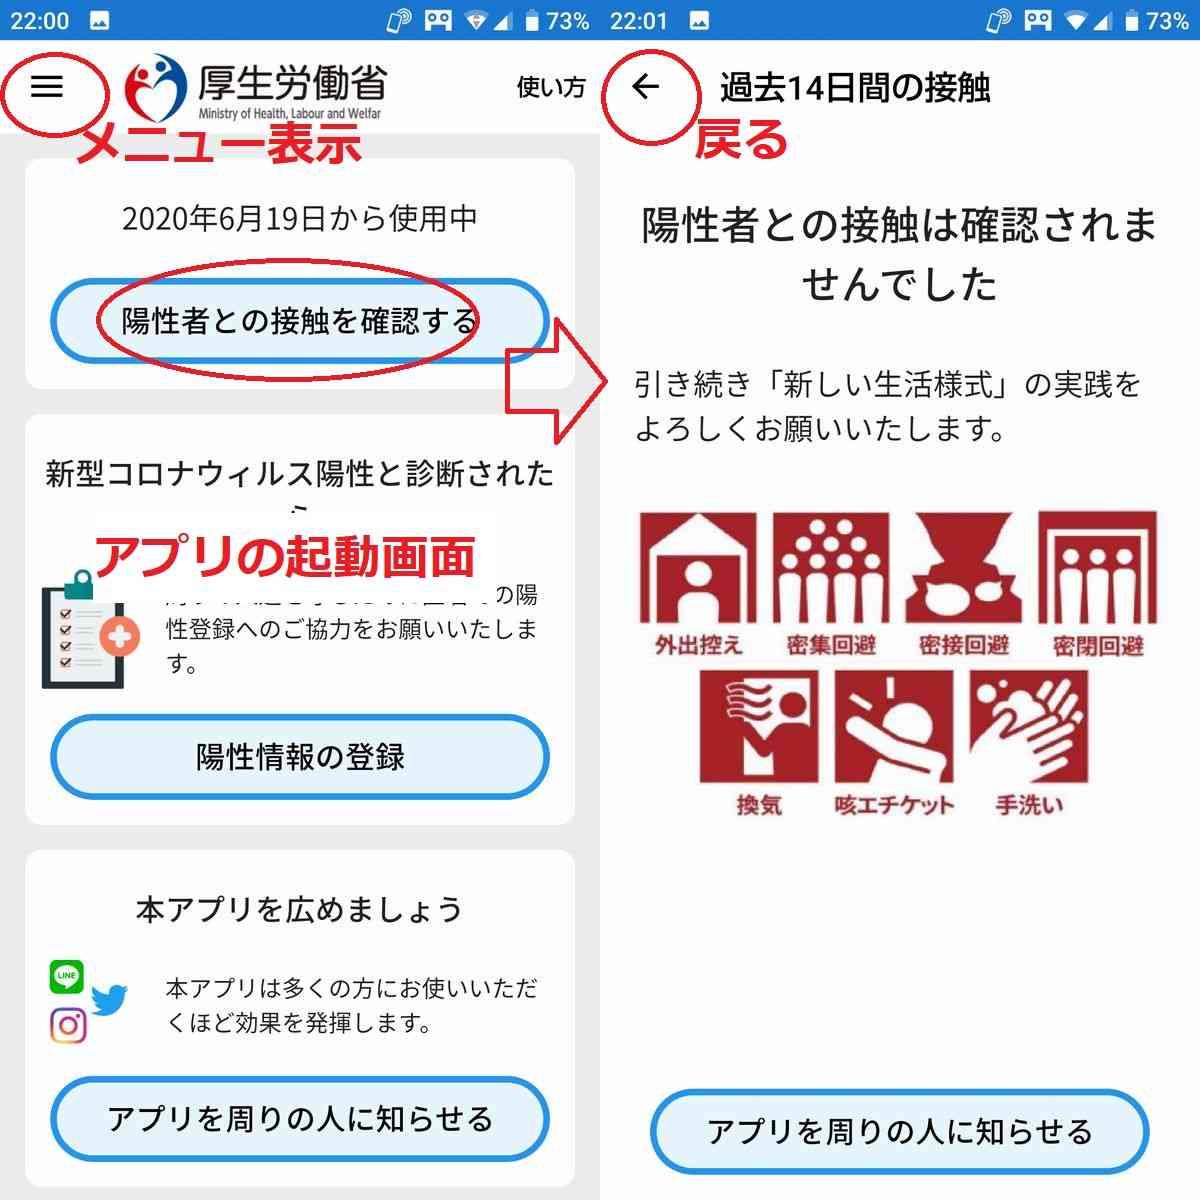 接触確認アプリの起動画面と情報確認画面